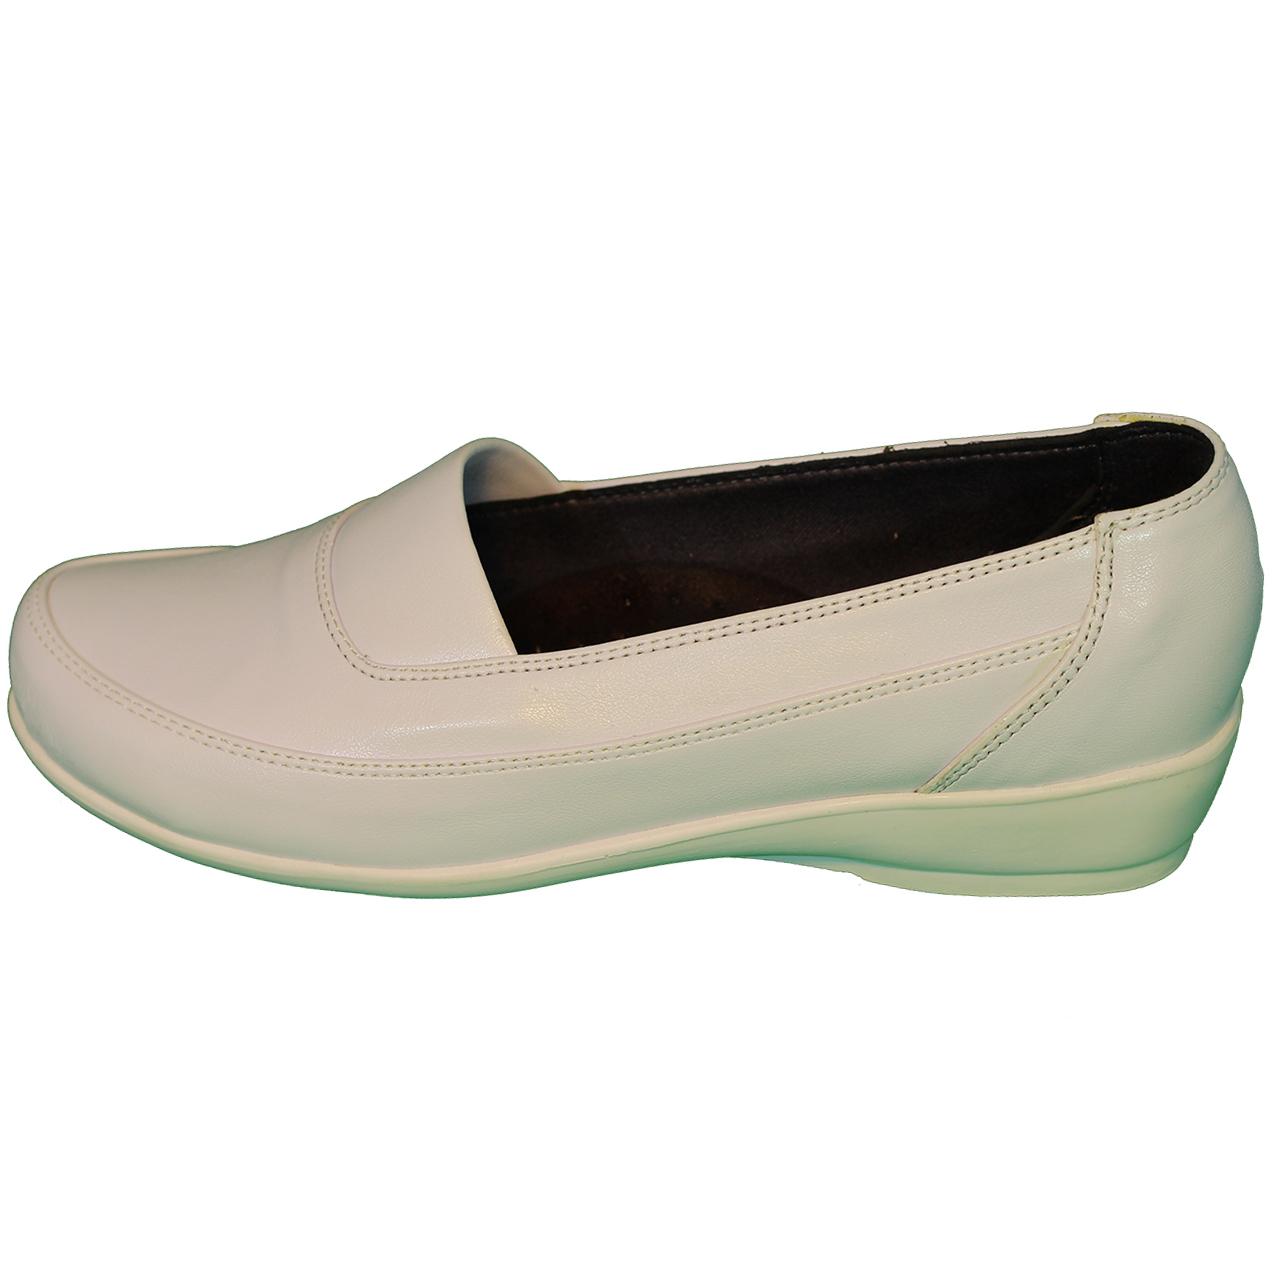 کفش زنانه شهرام طب مدل 2097 کد 1